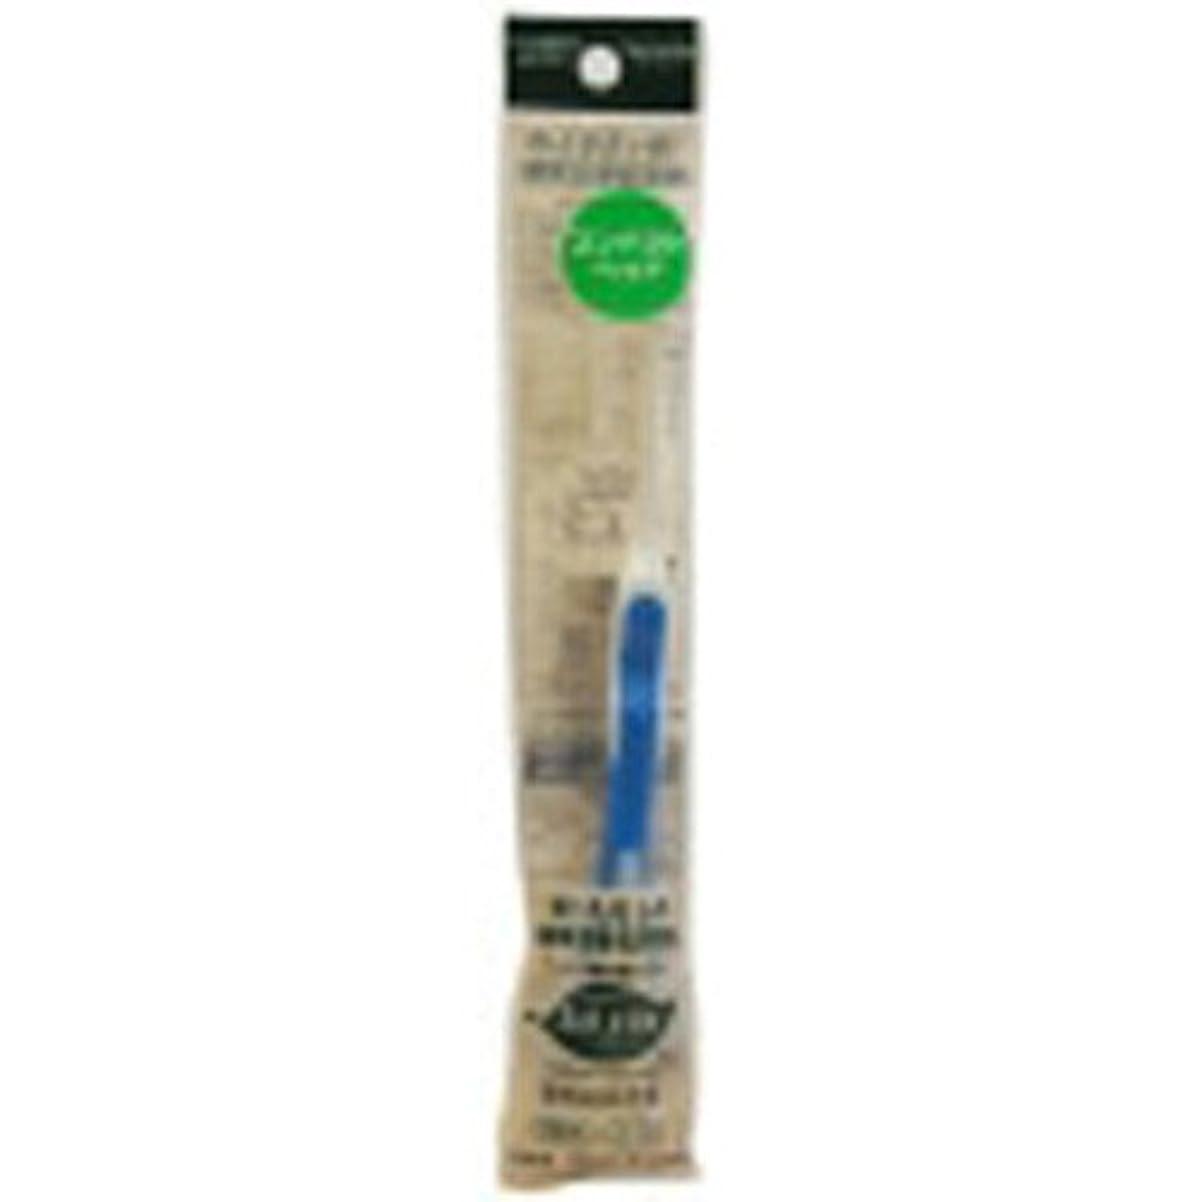 サレド ヘッド交換式歯ブラシ お試しセット コンパクトヘッド ブルー